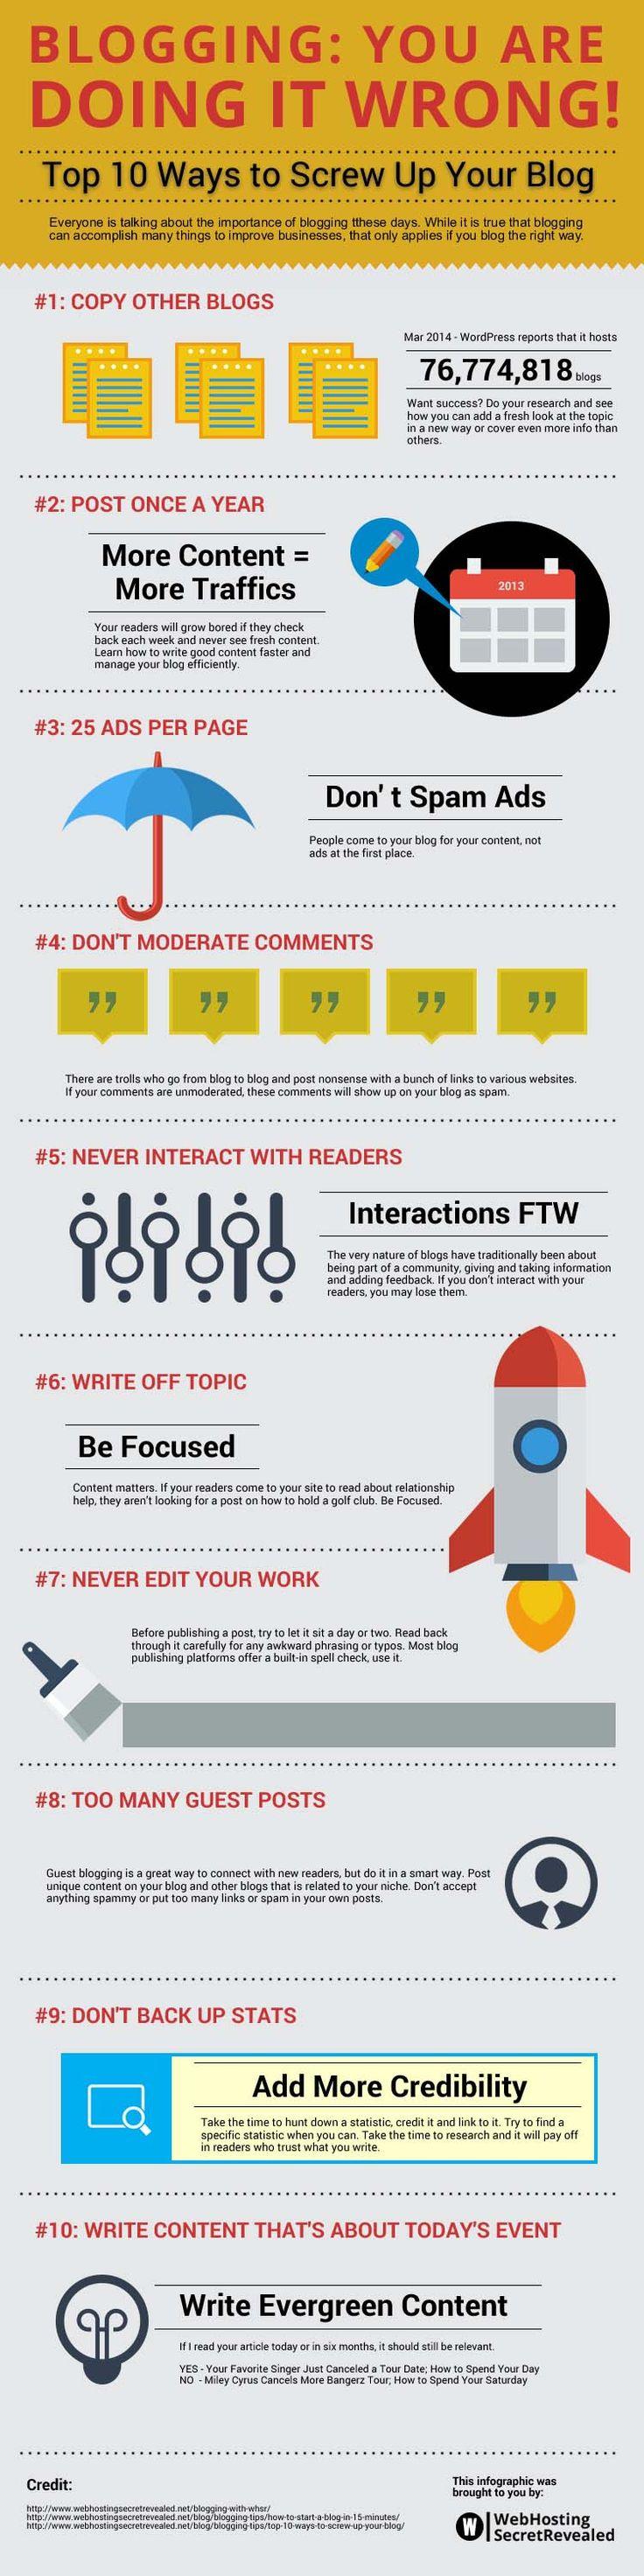 10 formas seguras de arruinar tu blog − Pese a la importancia estratégica de mantener un blog, esto sólo funciona si lo haces bien.